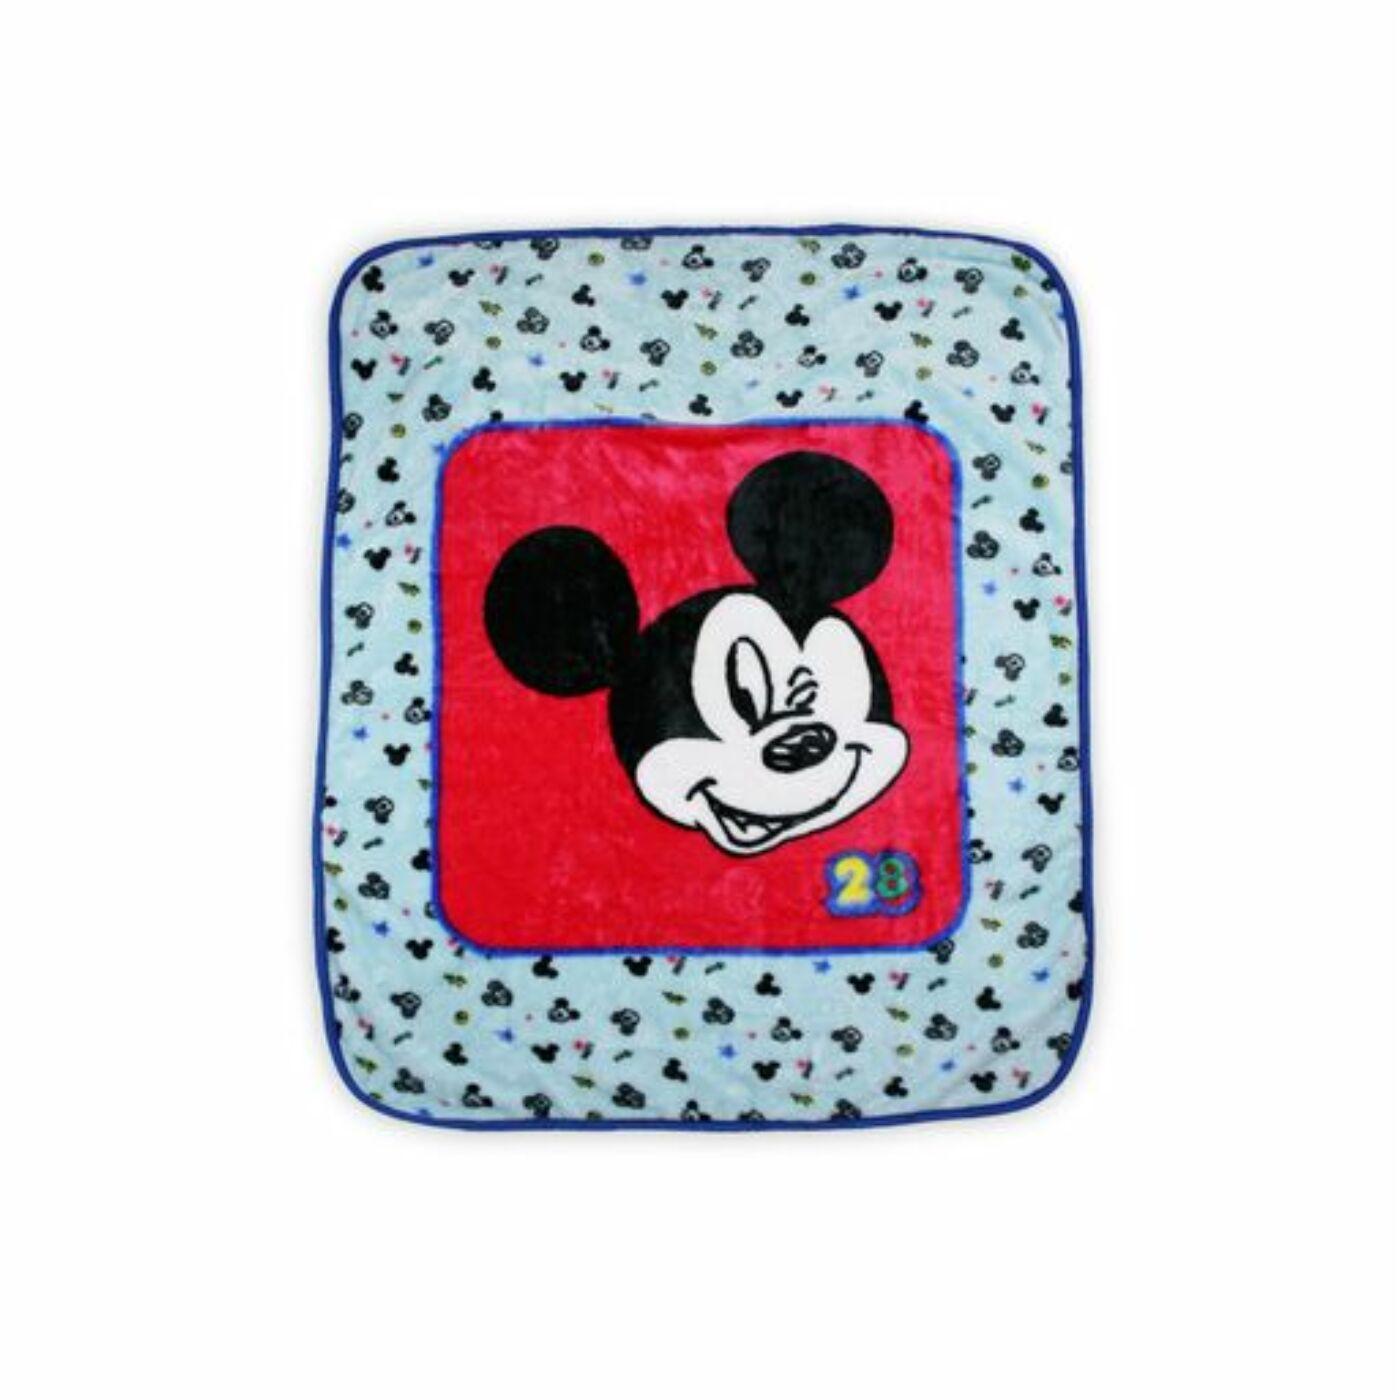 Mickey egér baba takaró kisfiúknak - 110 x 140 cm - világoskék